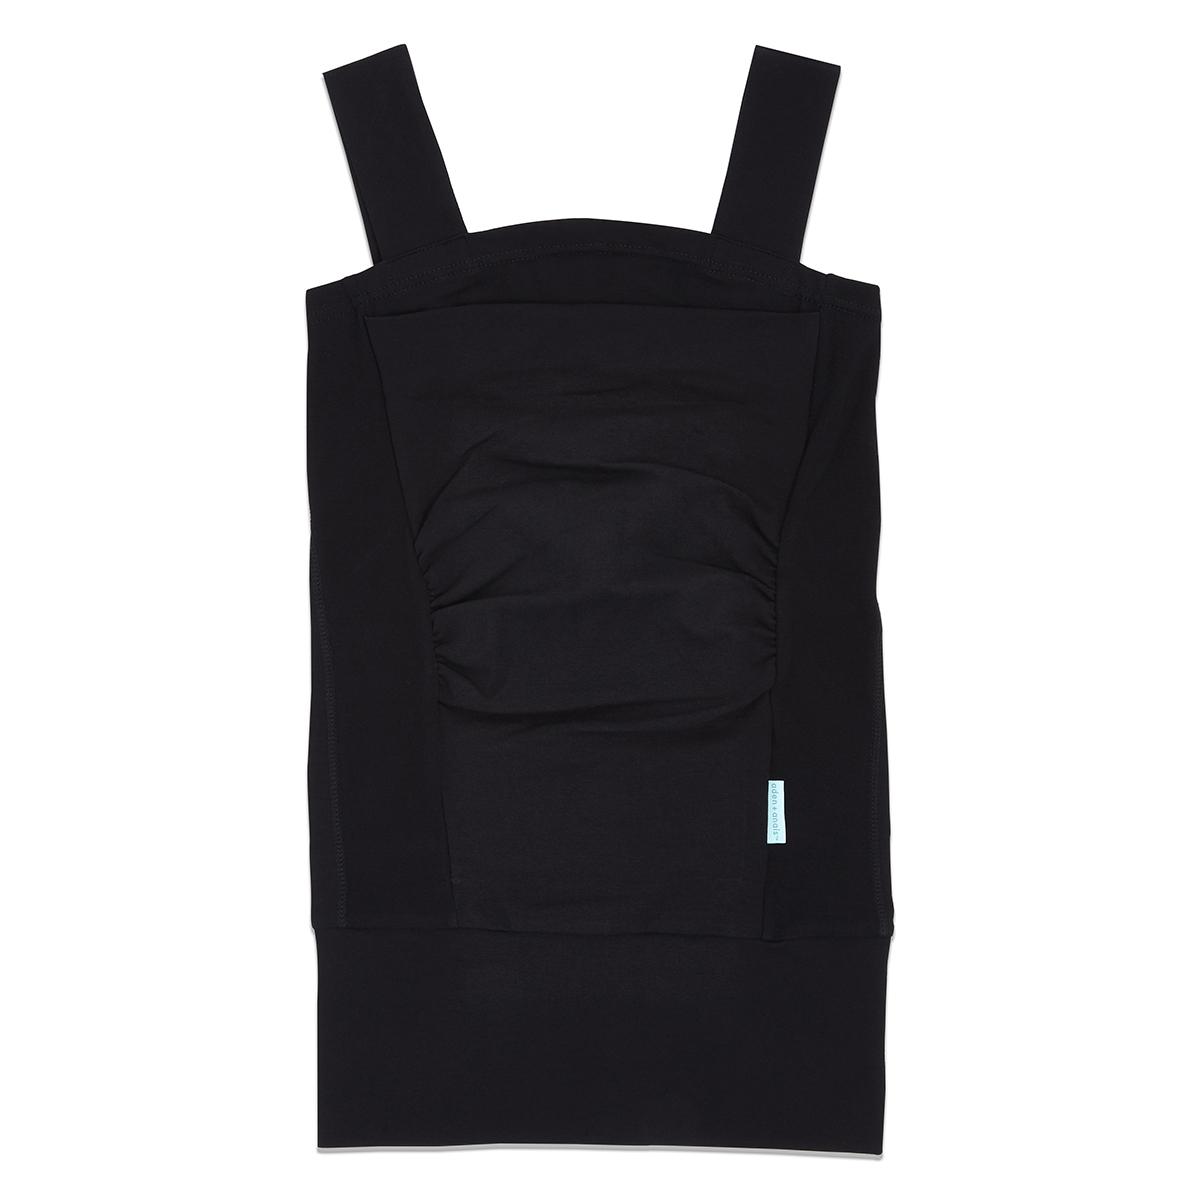 Porte bébé Top Peau-à-peau Solid Black - L